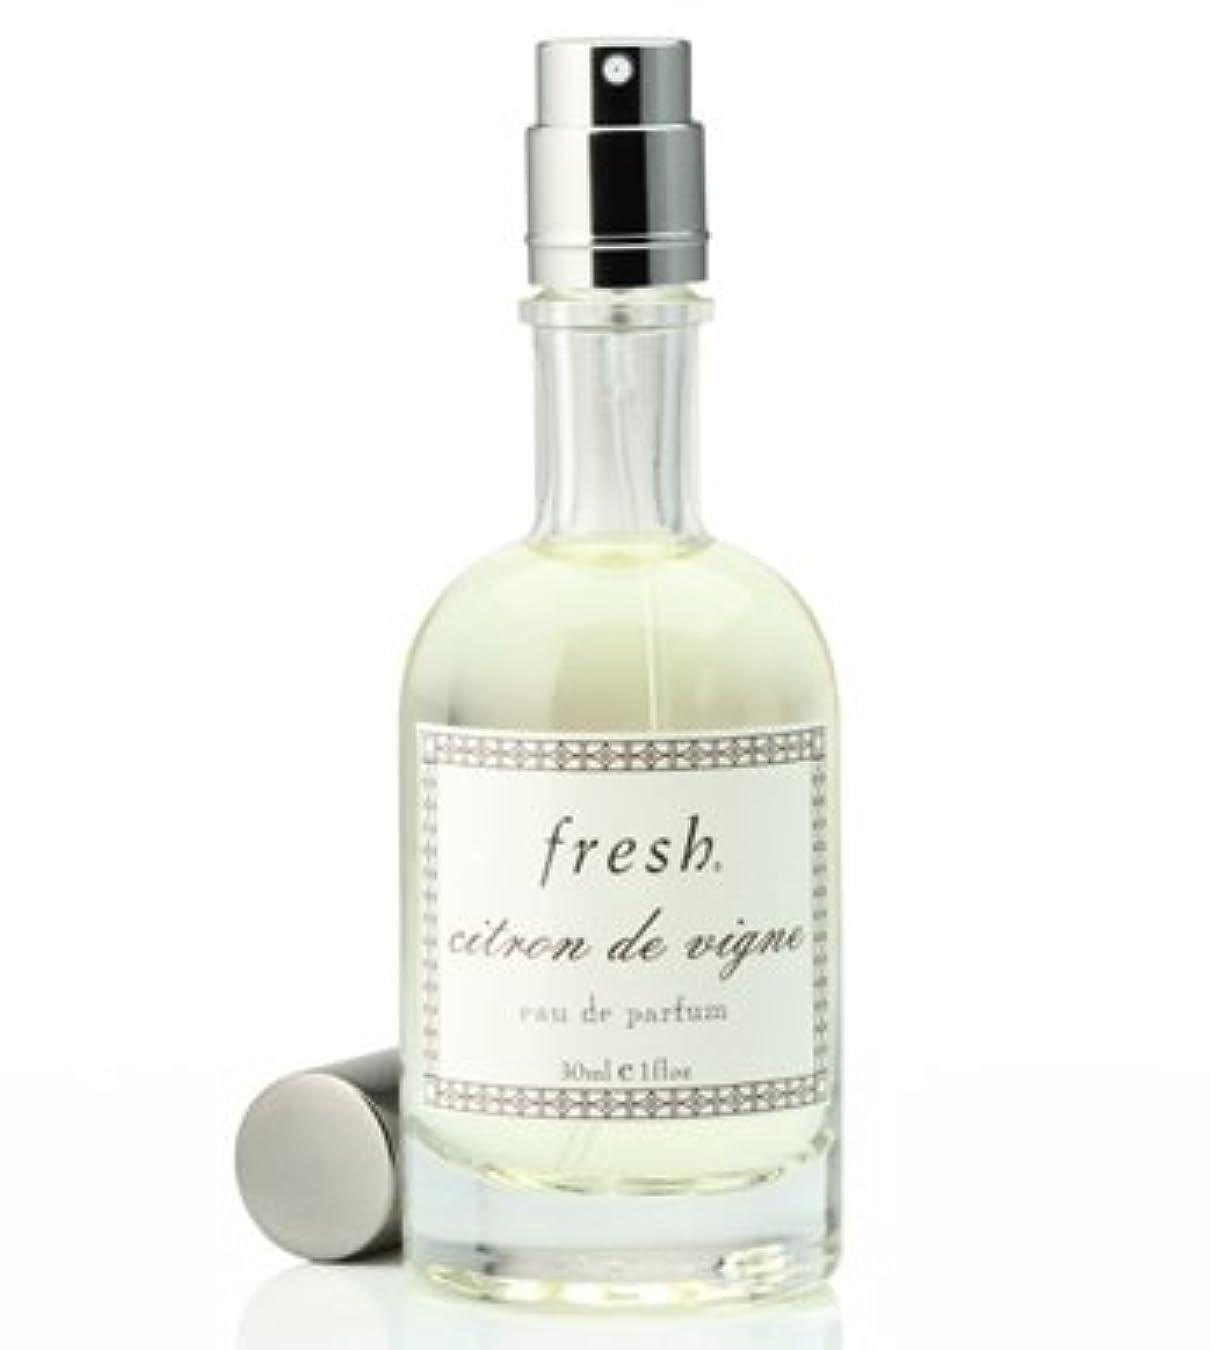 制限便宜初心者Fresh CITRON DE VIGNE (フレッシュ シトロンデヴァイン) 1.0 oz (30ml) EDP Spray by Fresh for Women